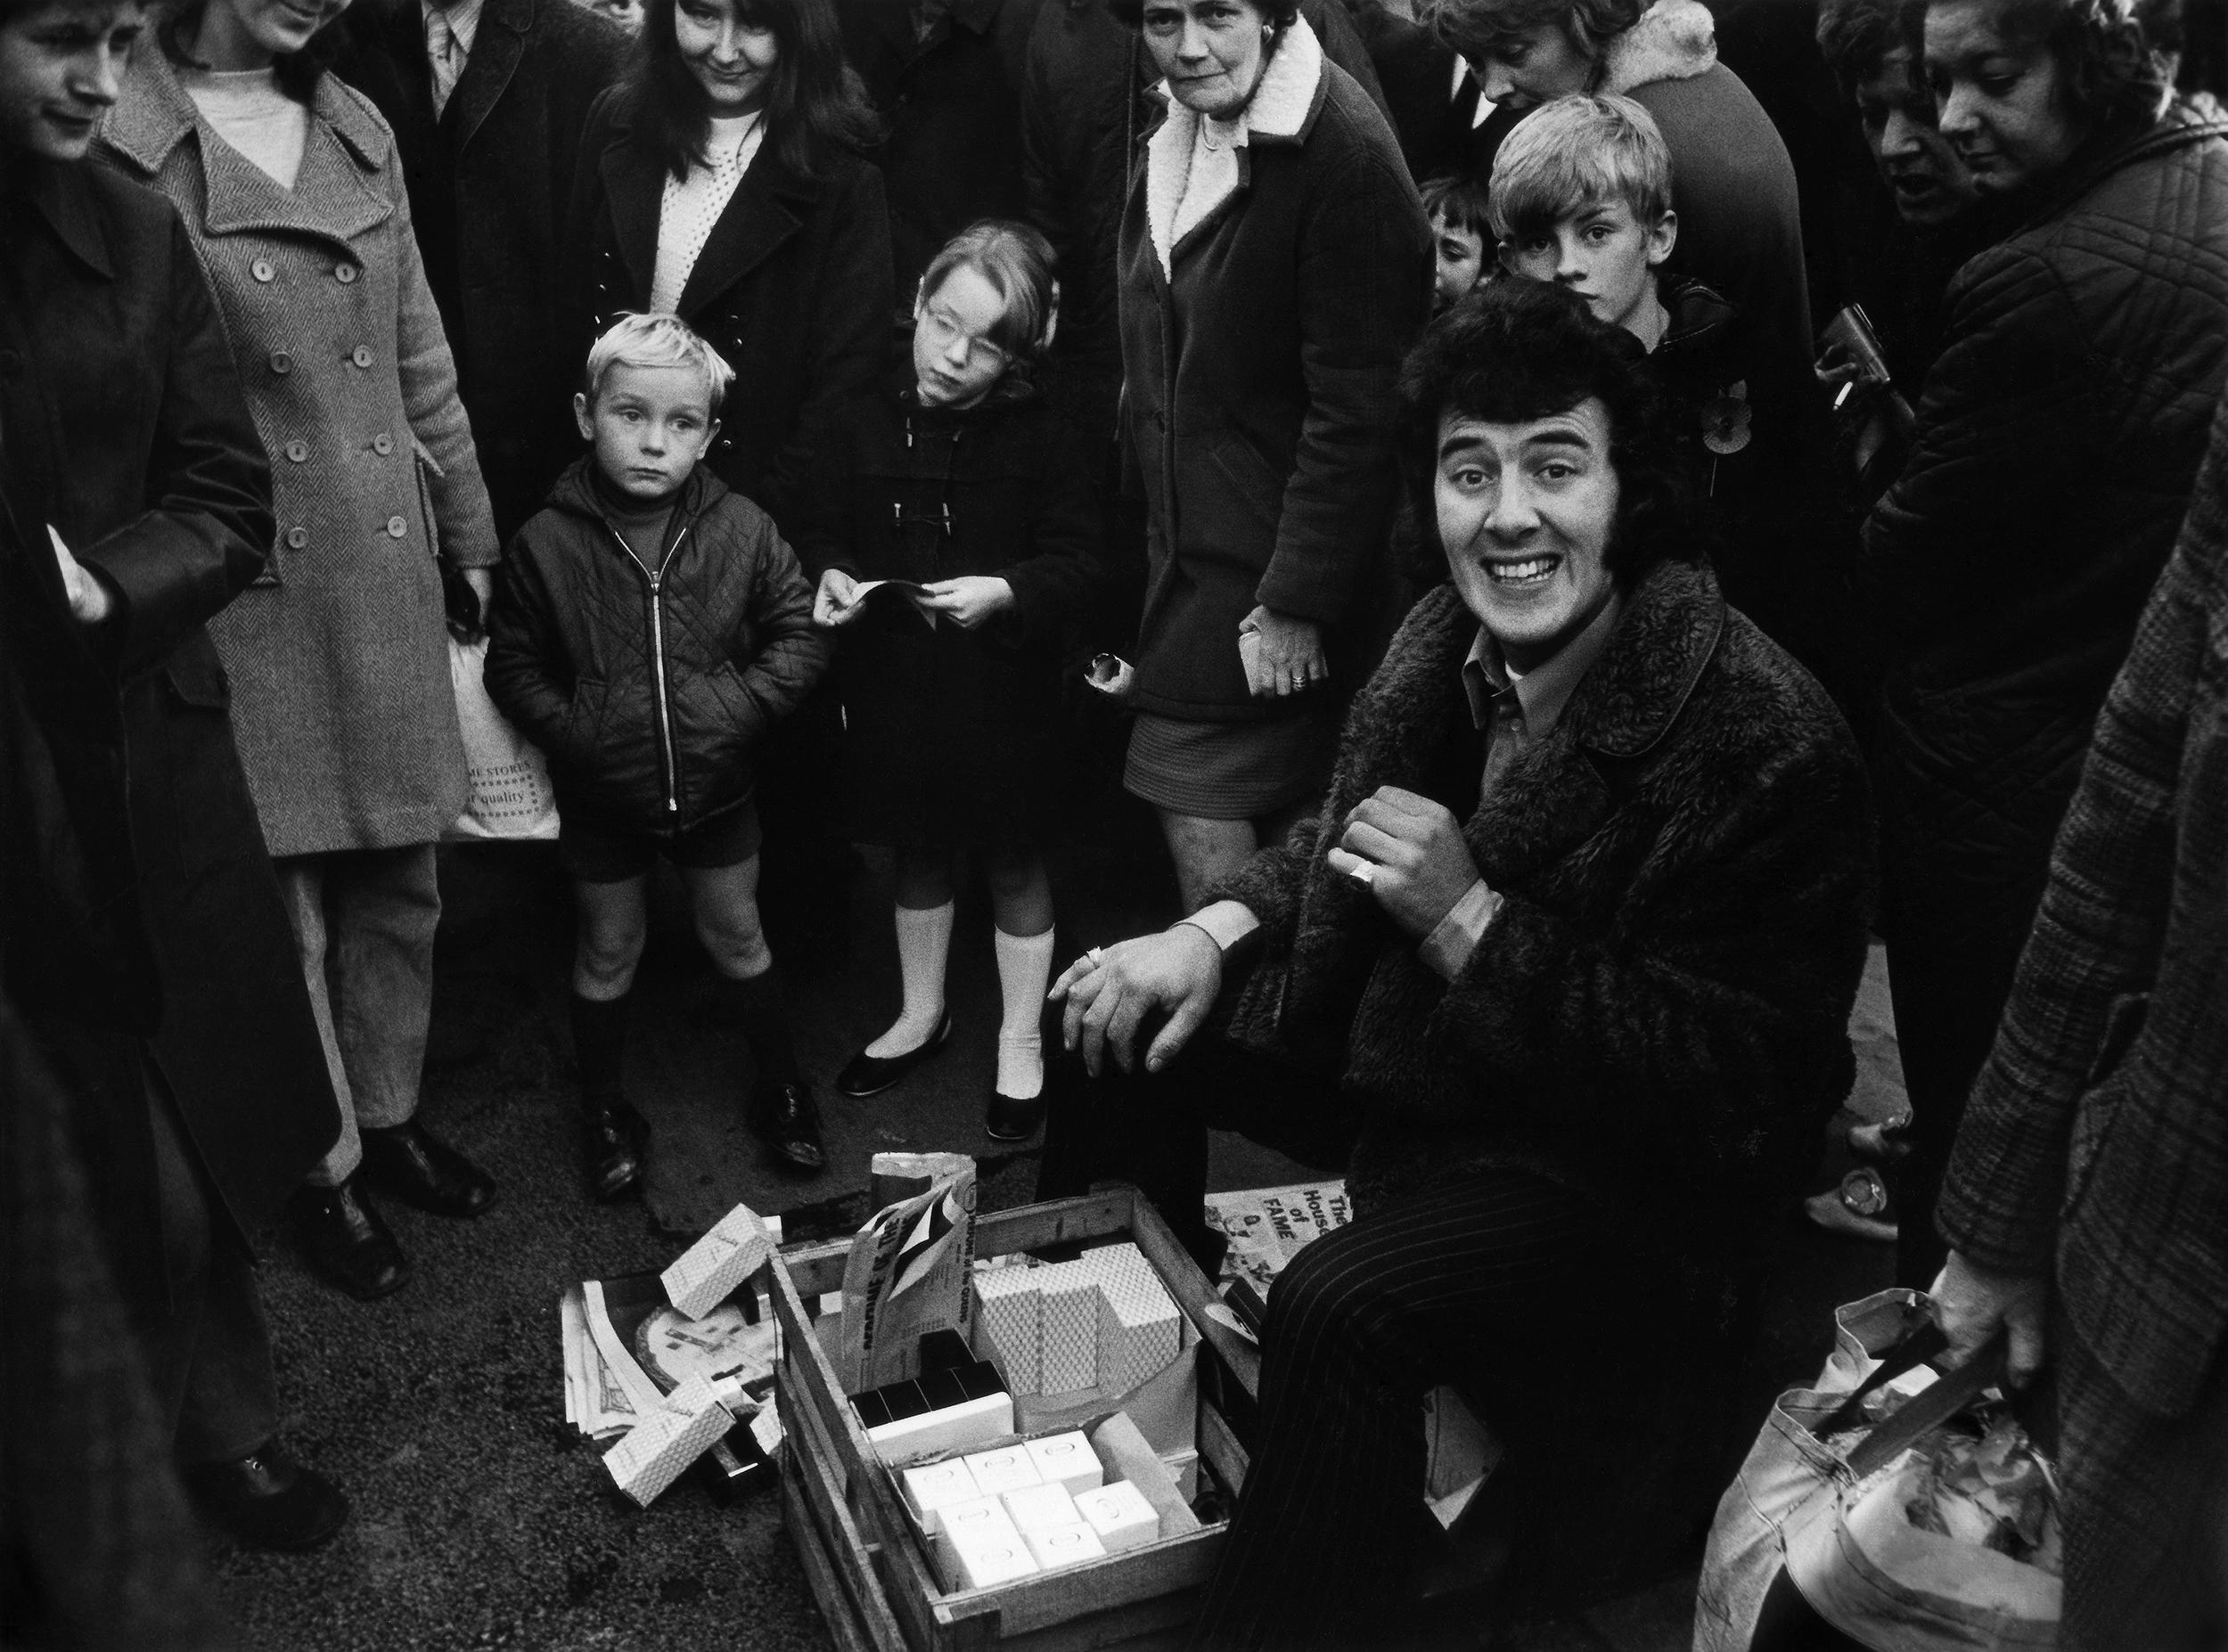 cameron-mcnall-swindon-1971.jpg